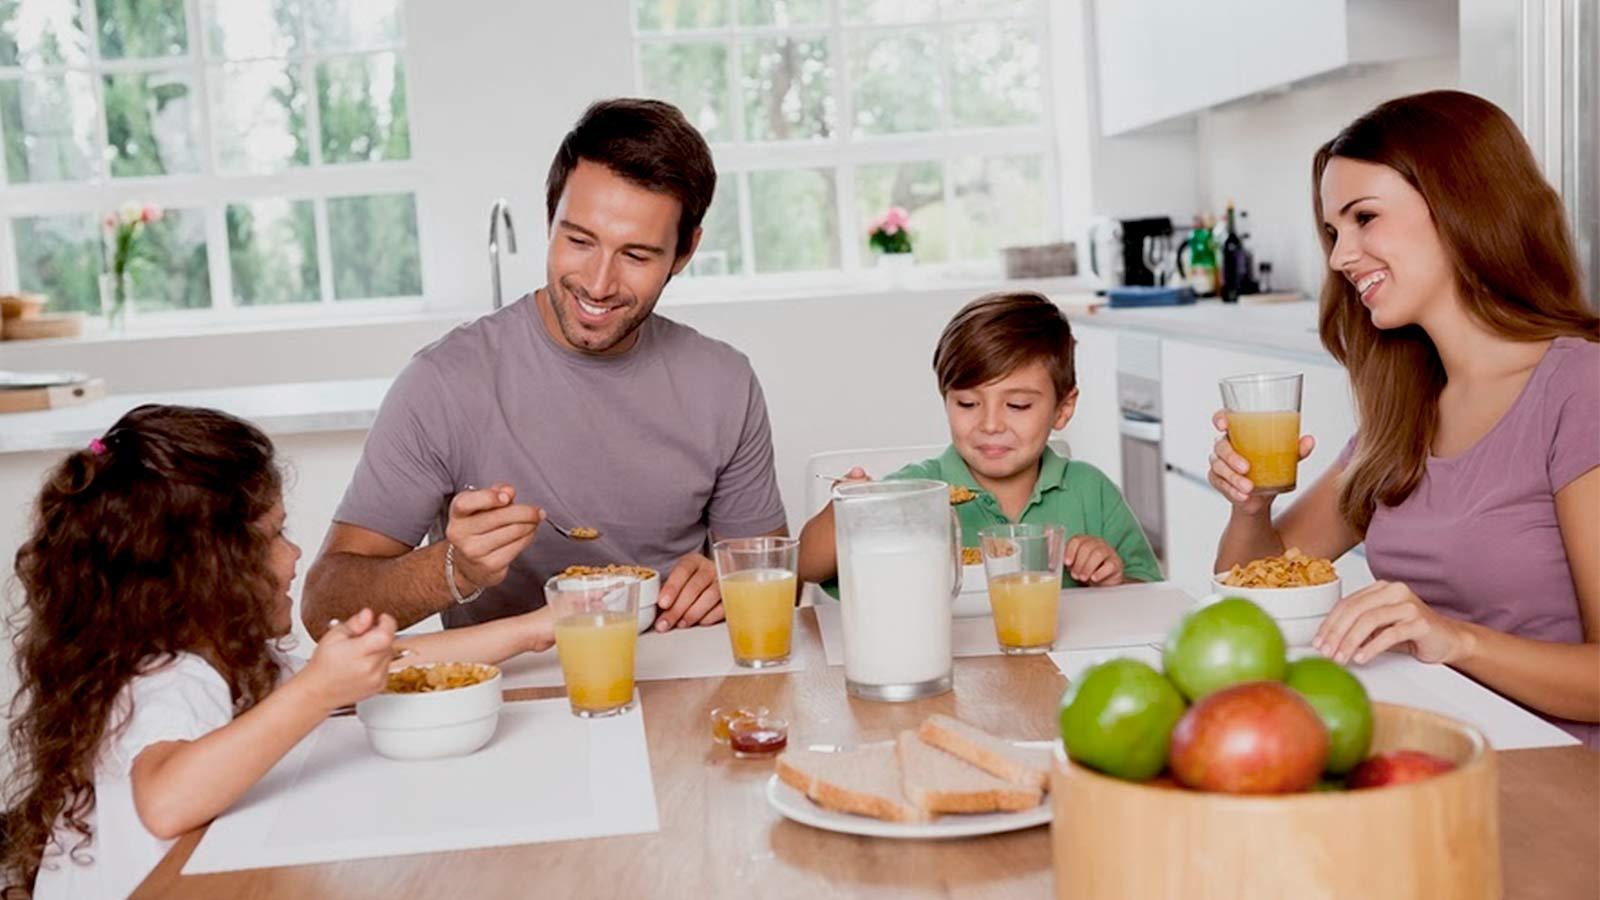 desayuno familia